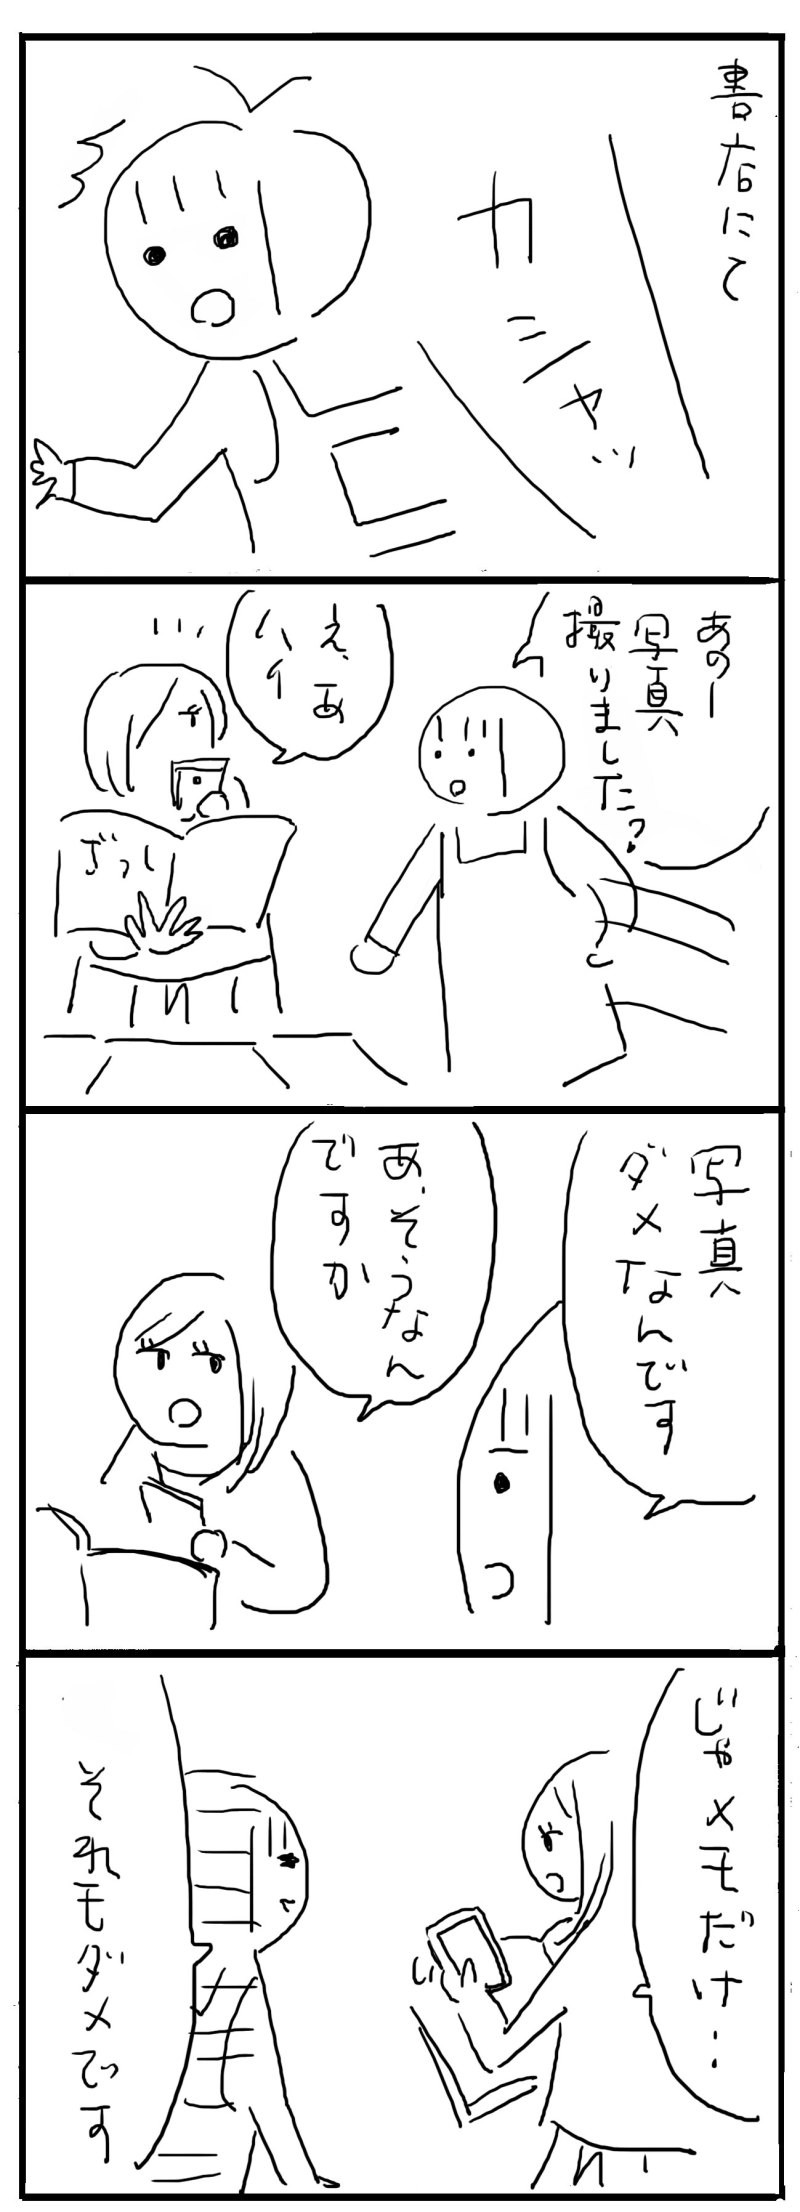 3e986d71.jpg